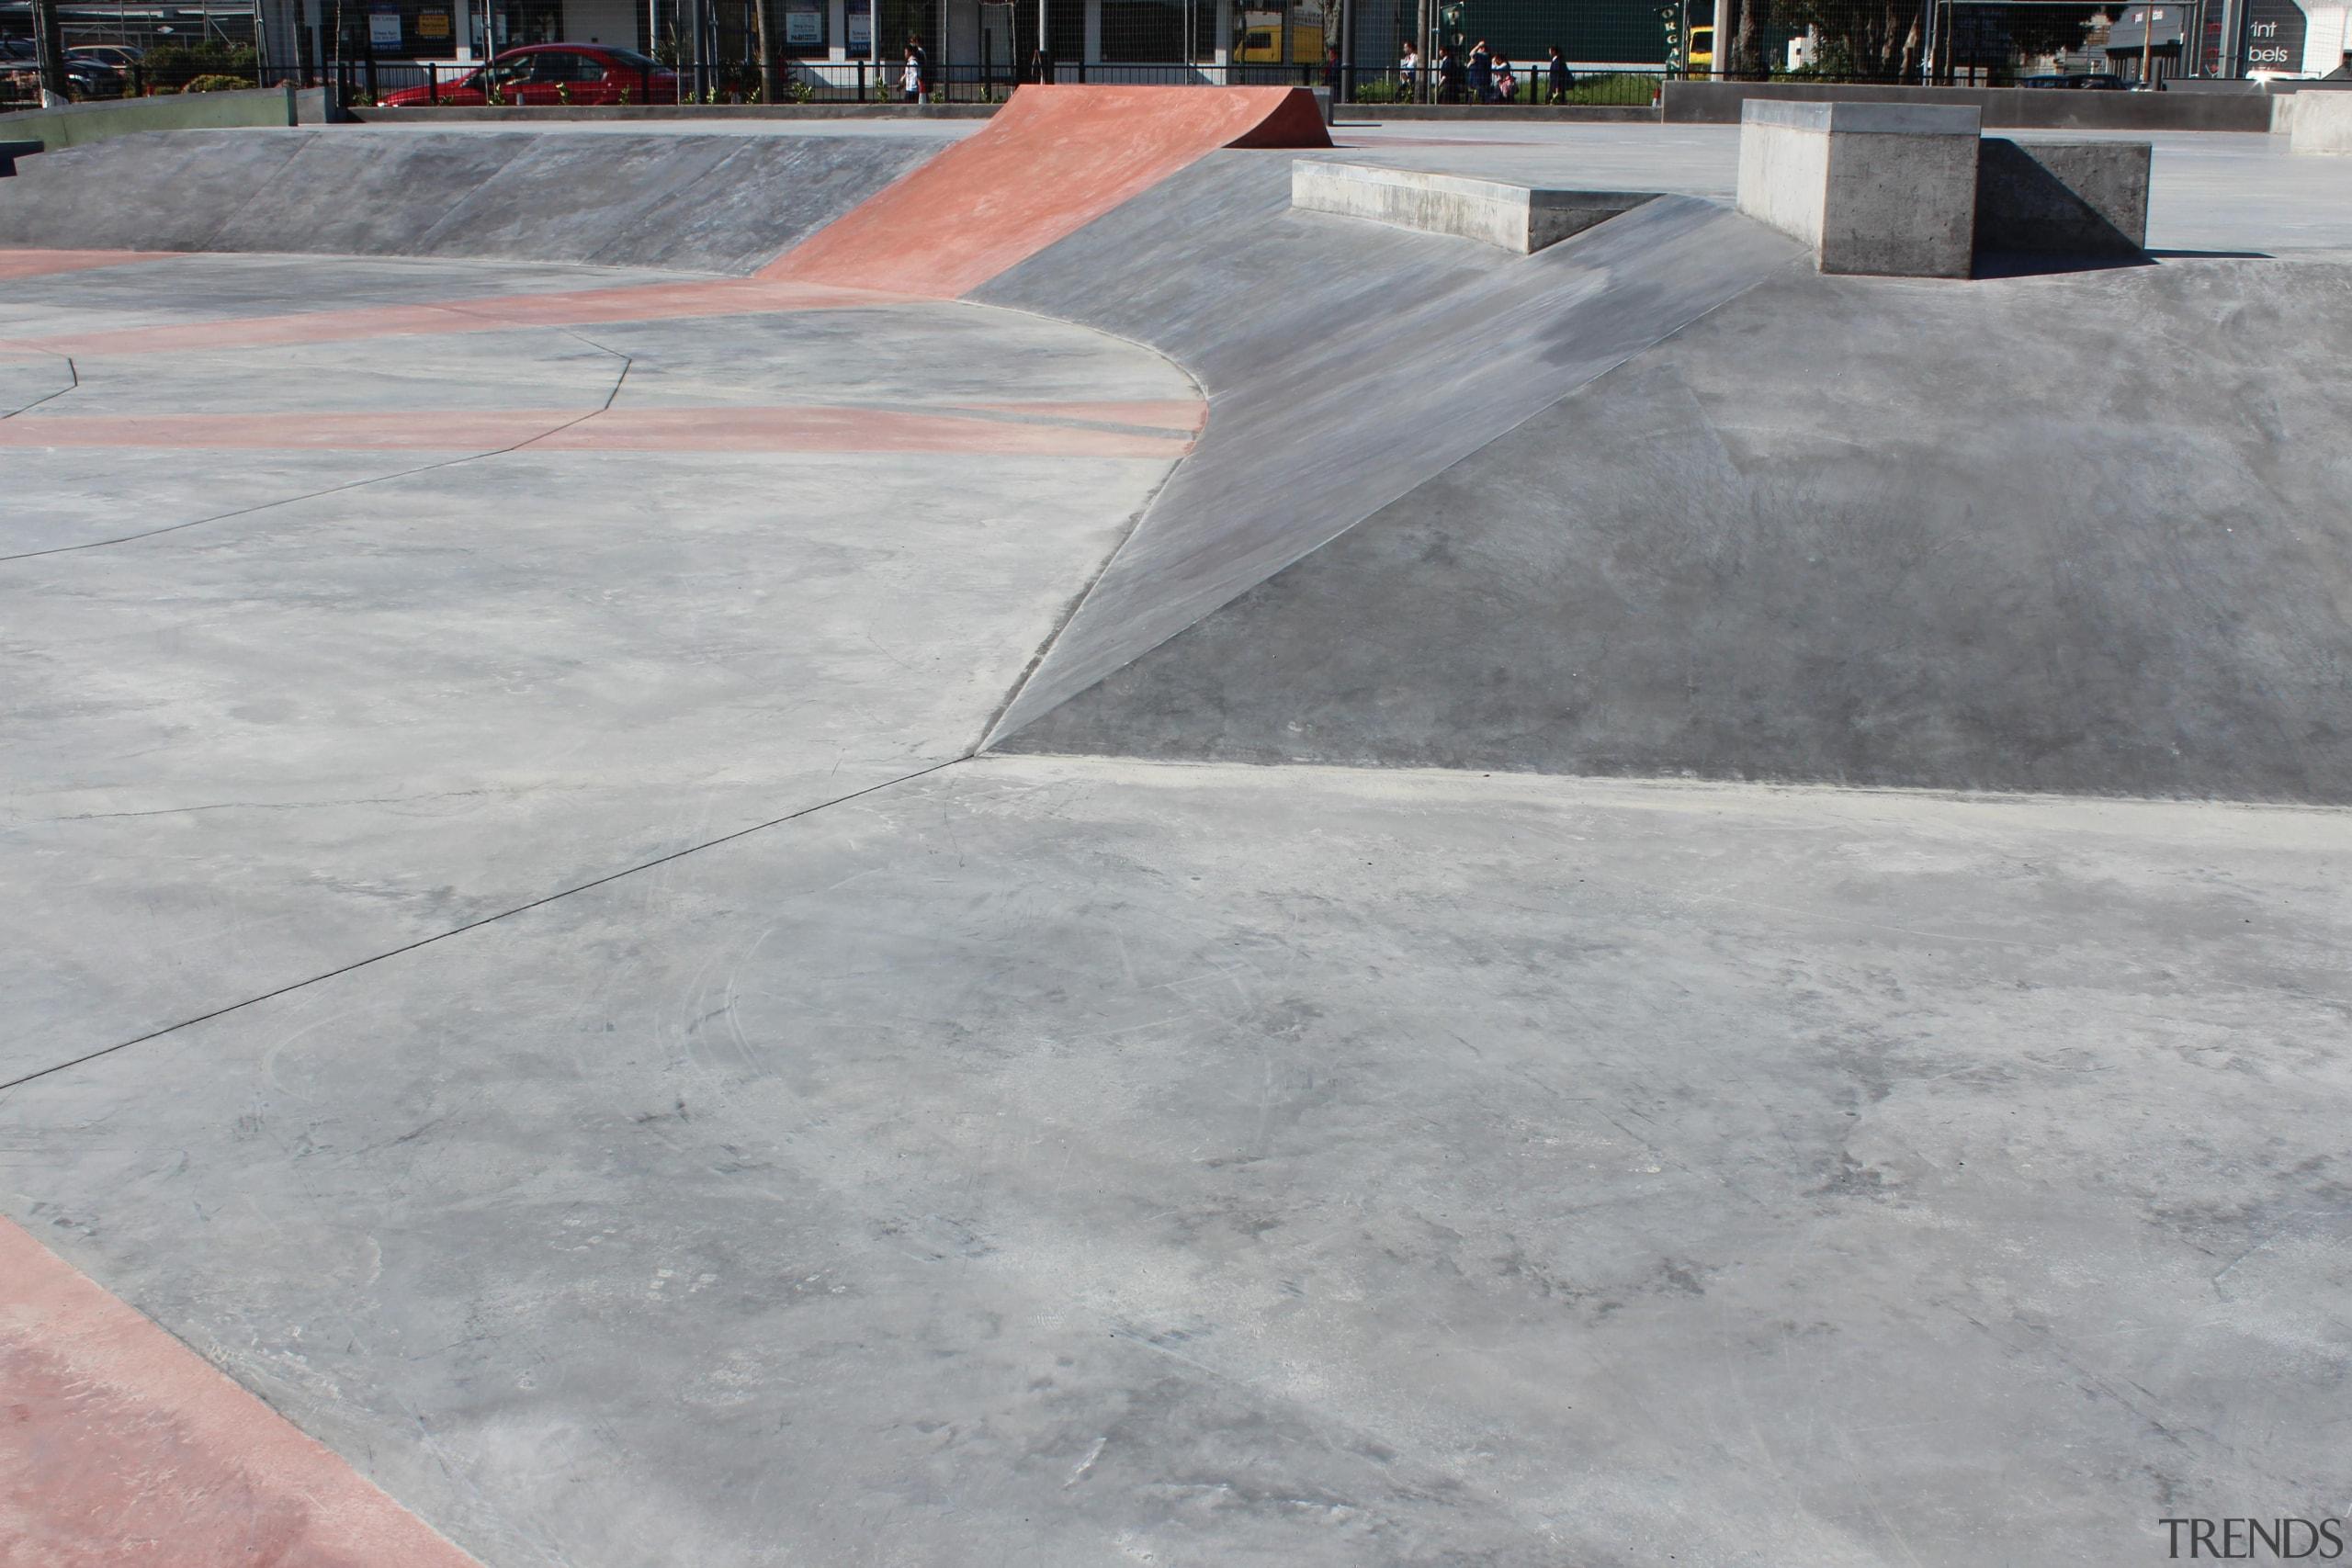 colourmix 16.jpg - colourmix_16.jpg - asphalt   concrete asphalt, concrete, floor, road surface, gray